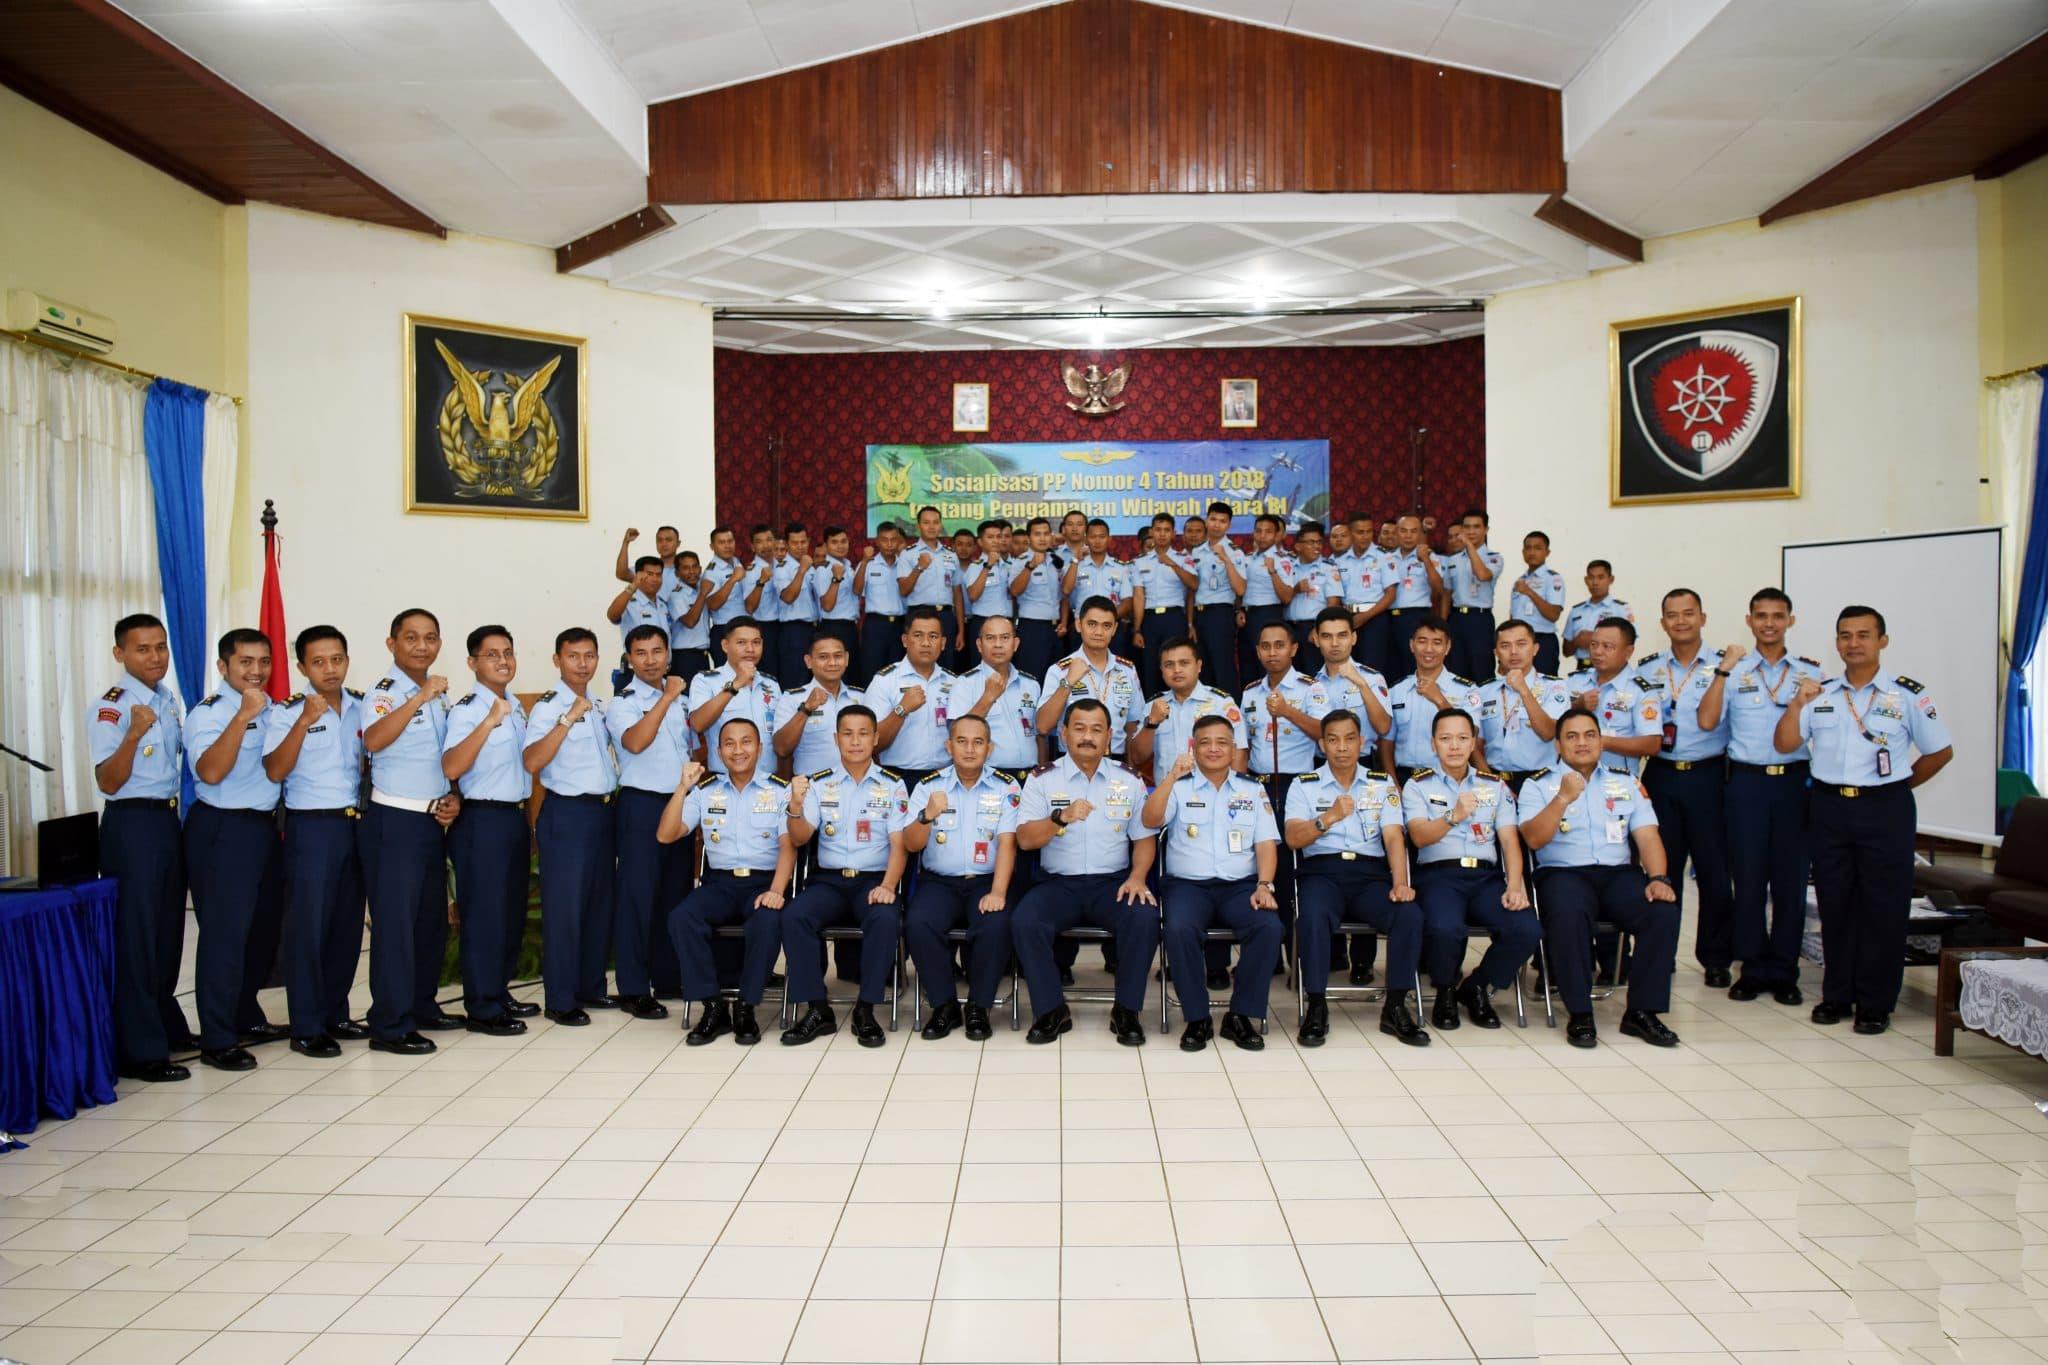 Sosialisasi Peraturan Pemerintah No.4 Tahun 2018 di Lanud Sultan Hasanuddin